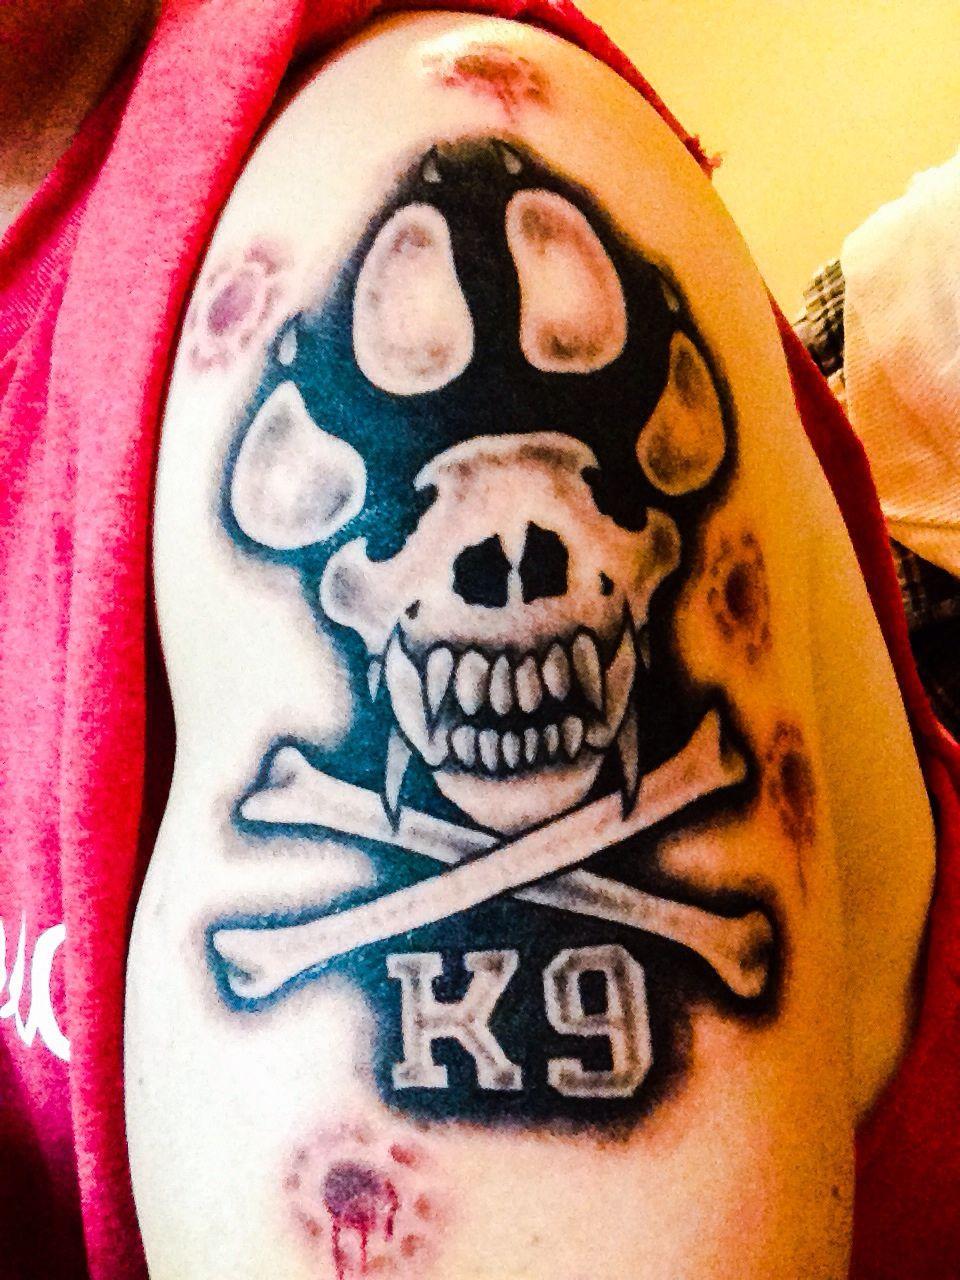 My Job My Life K9 Handler Tattoo Tattoos Skin Art Skull Tattoo